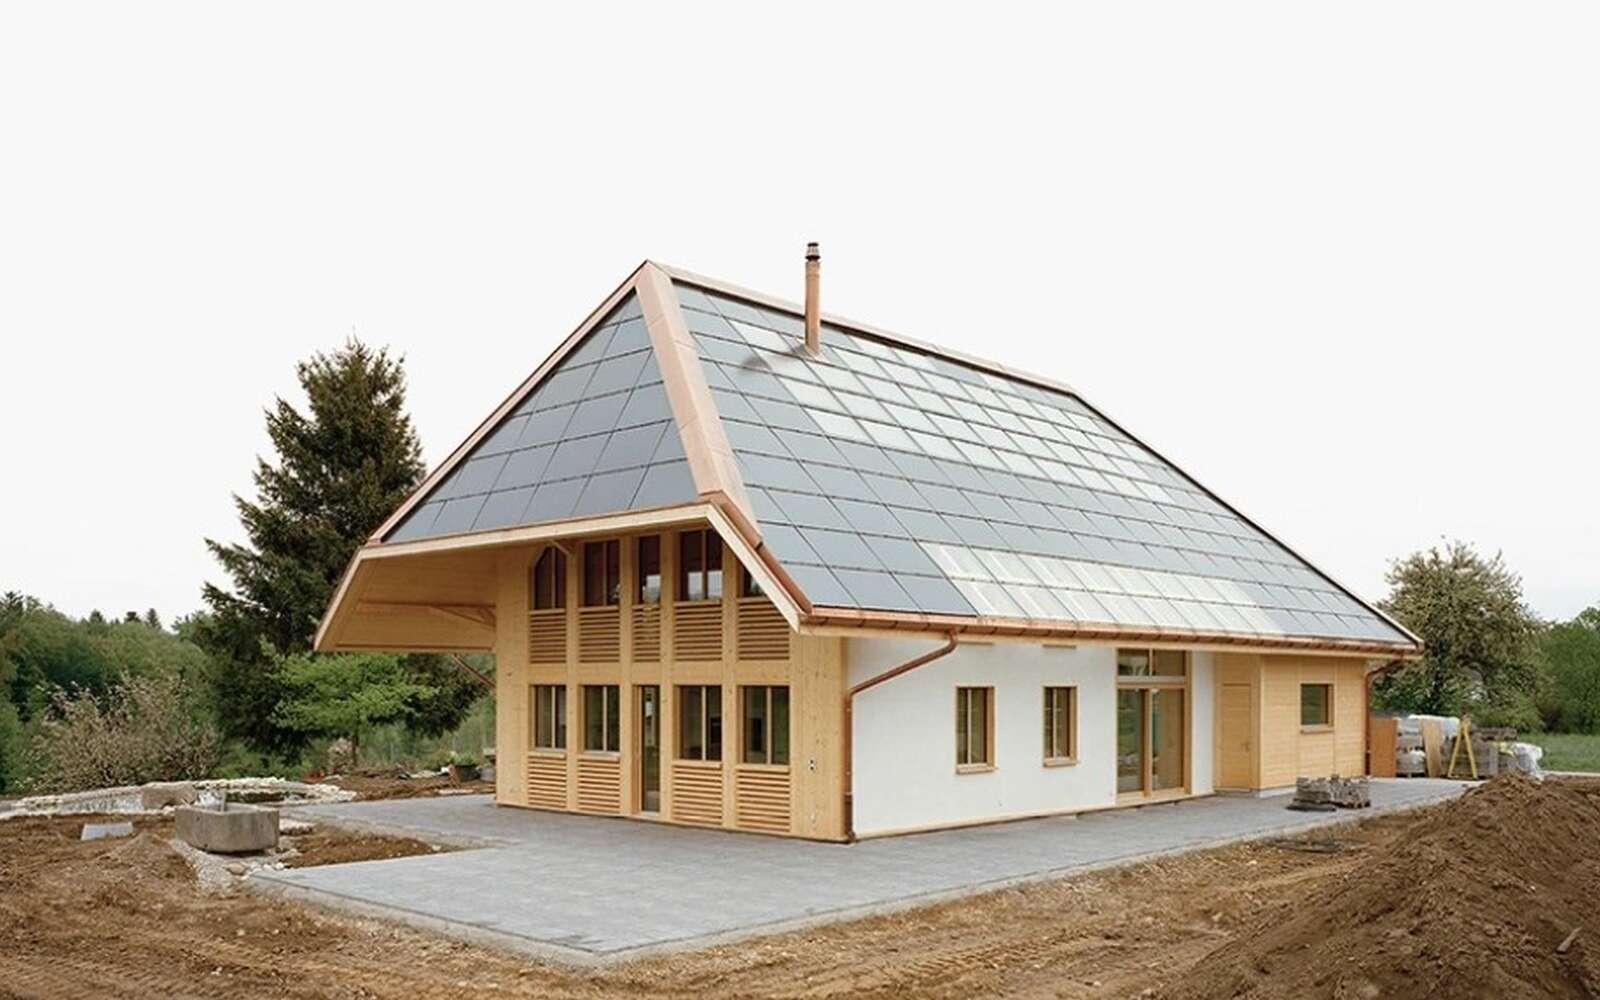 La maison isolée à l'aide de bottes de paille est alimentée en électricité et en eau chaude par les panneaux photovoltaïques de sa toiture. © Atelier Schmidt